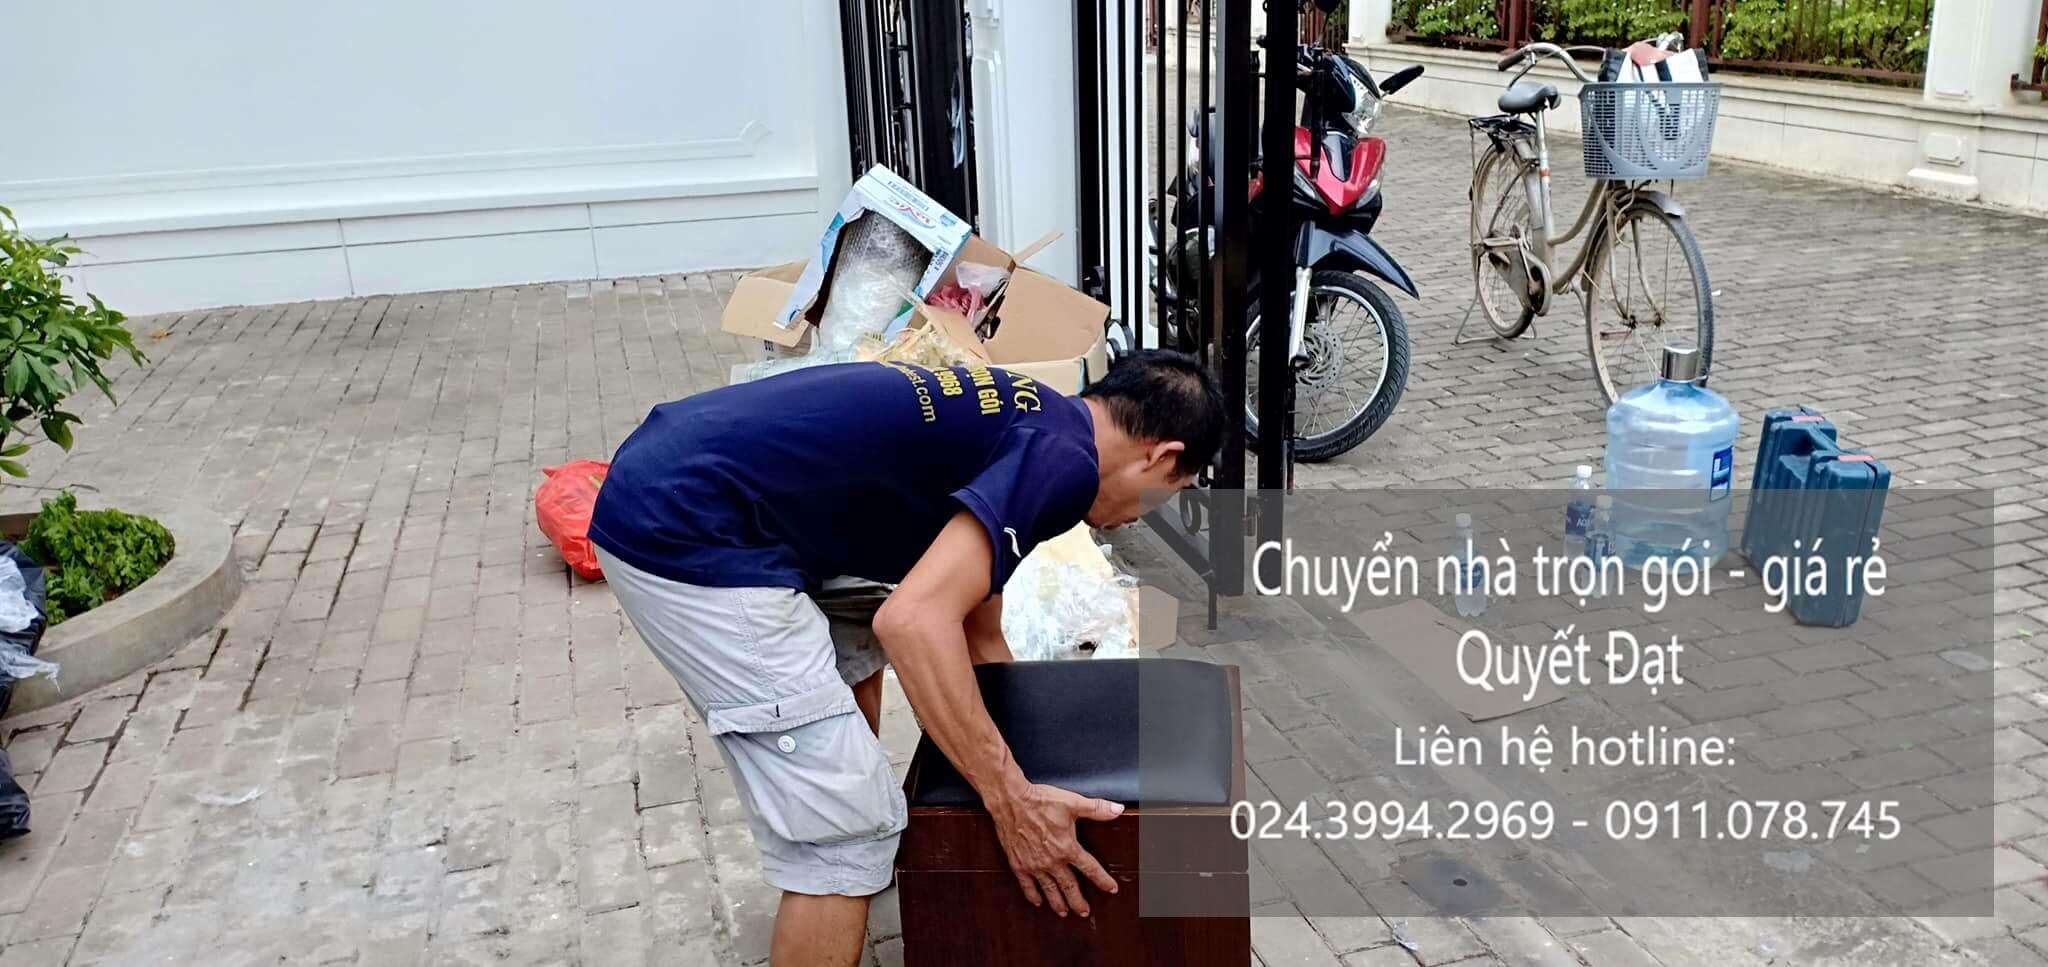 Dịch vụ chuyển nhà trọn gói tại đường Thạch Bàn